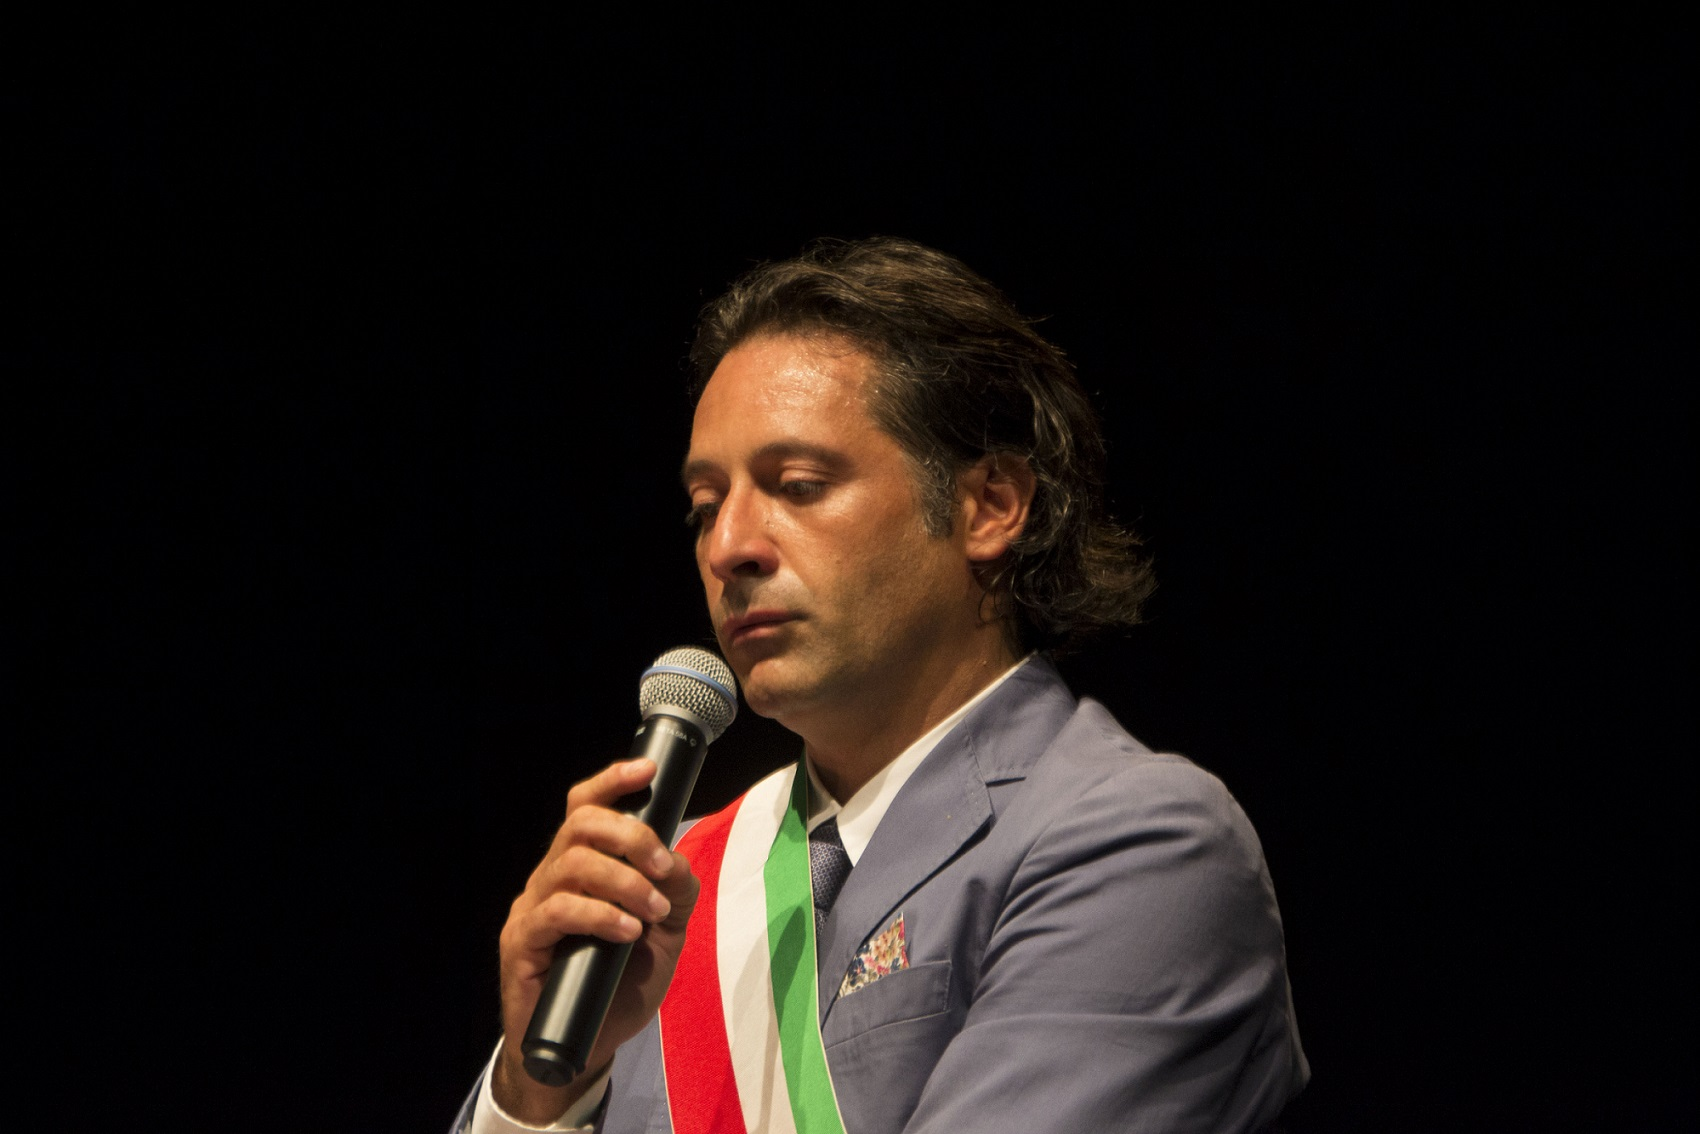 """Cannella è ancora sindaco: """"Andiamo avanti con serenità"""". Ma Del Baglivo tuona: """"Crisi superata con le spartizioni"""""""